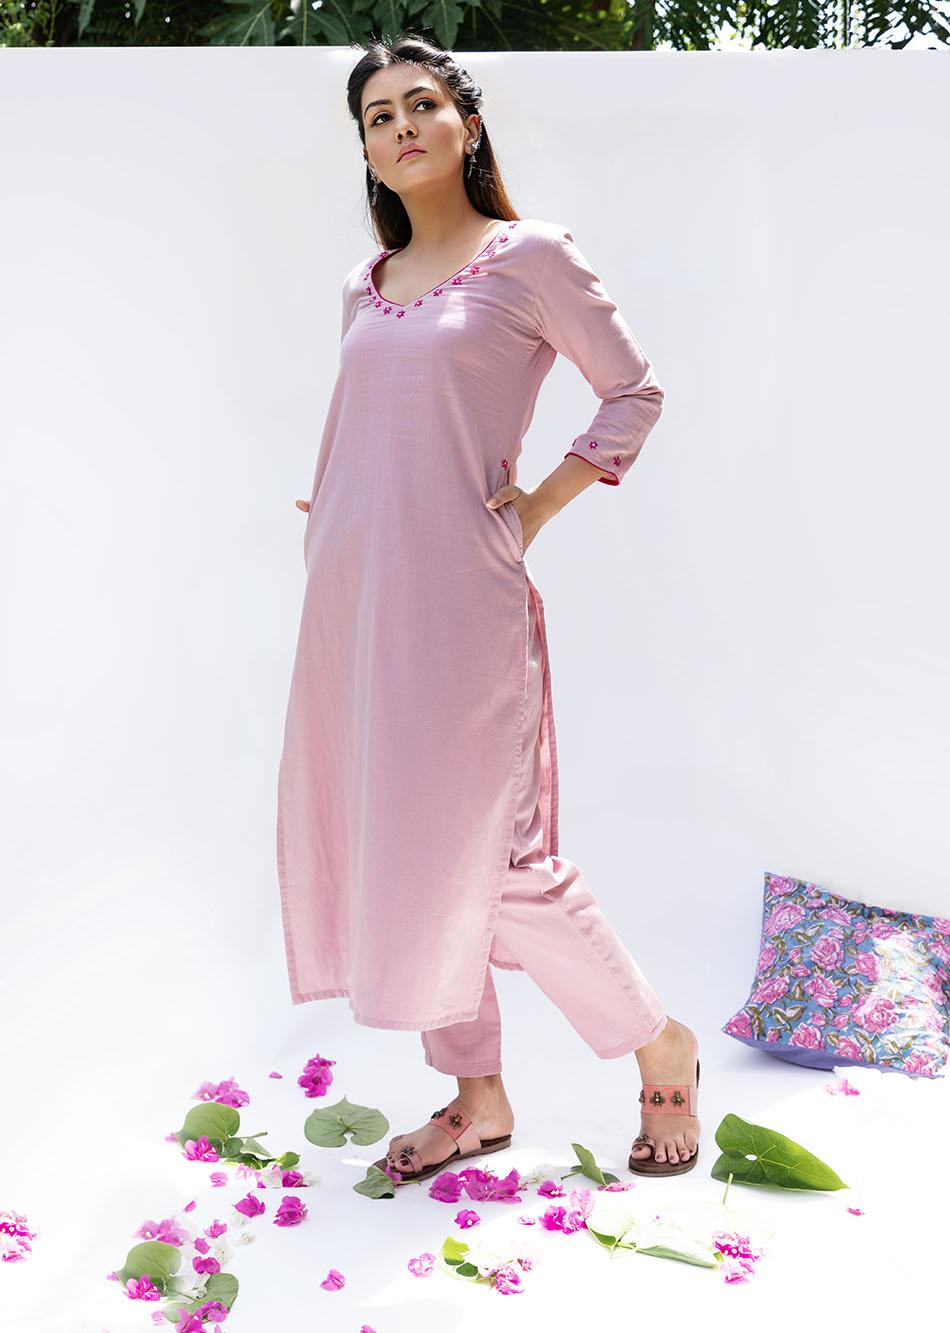 Gulabi Straight kurta and pants (set of 3) By Jovi Fashion